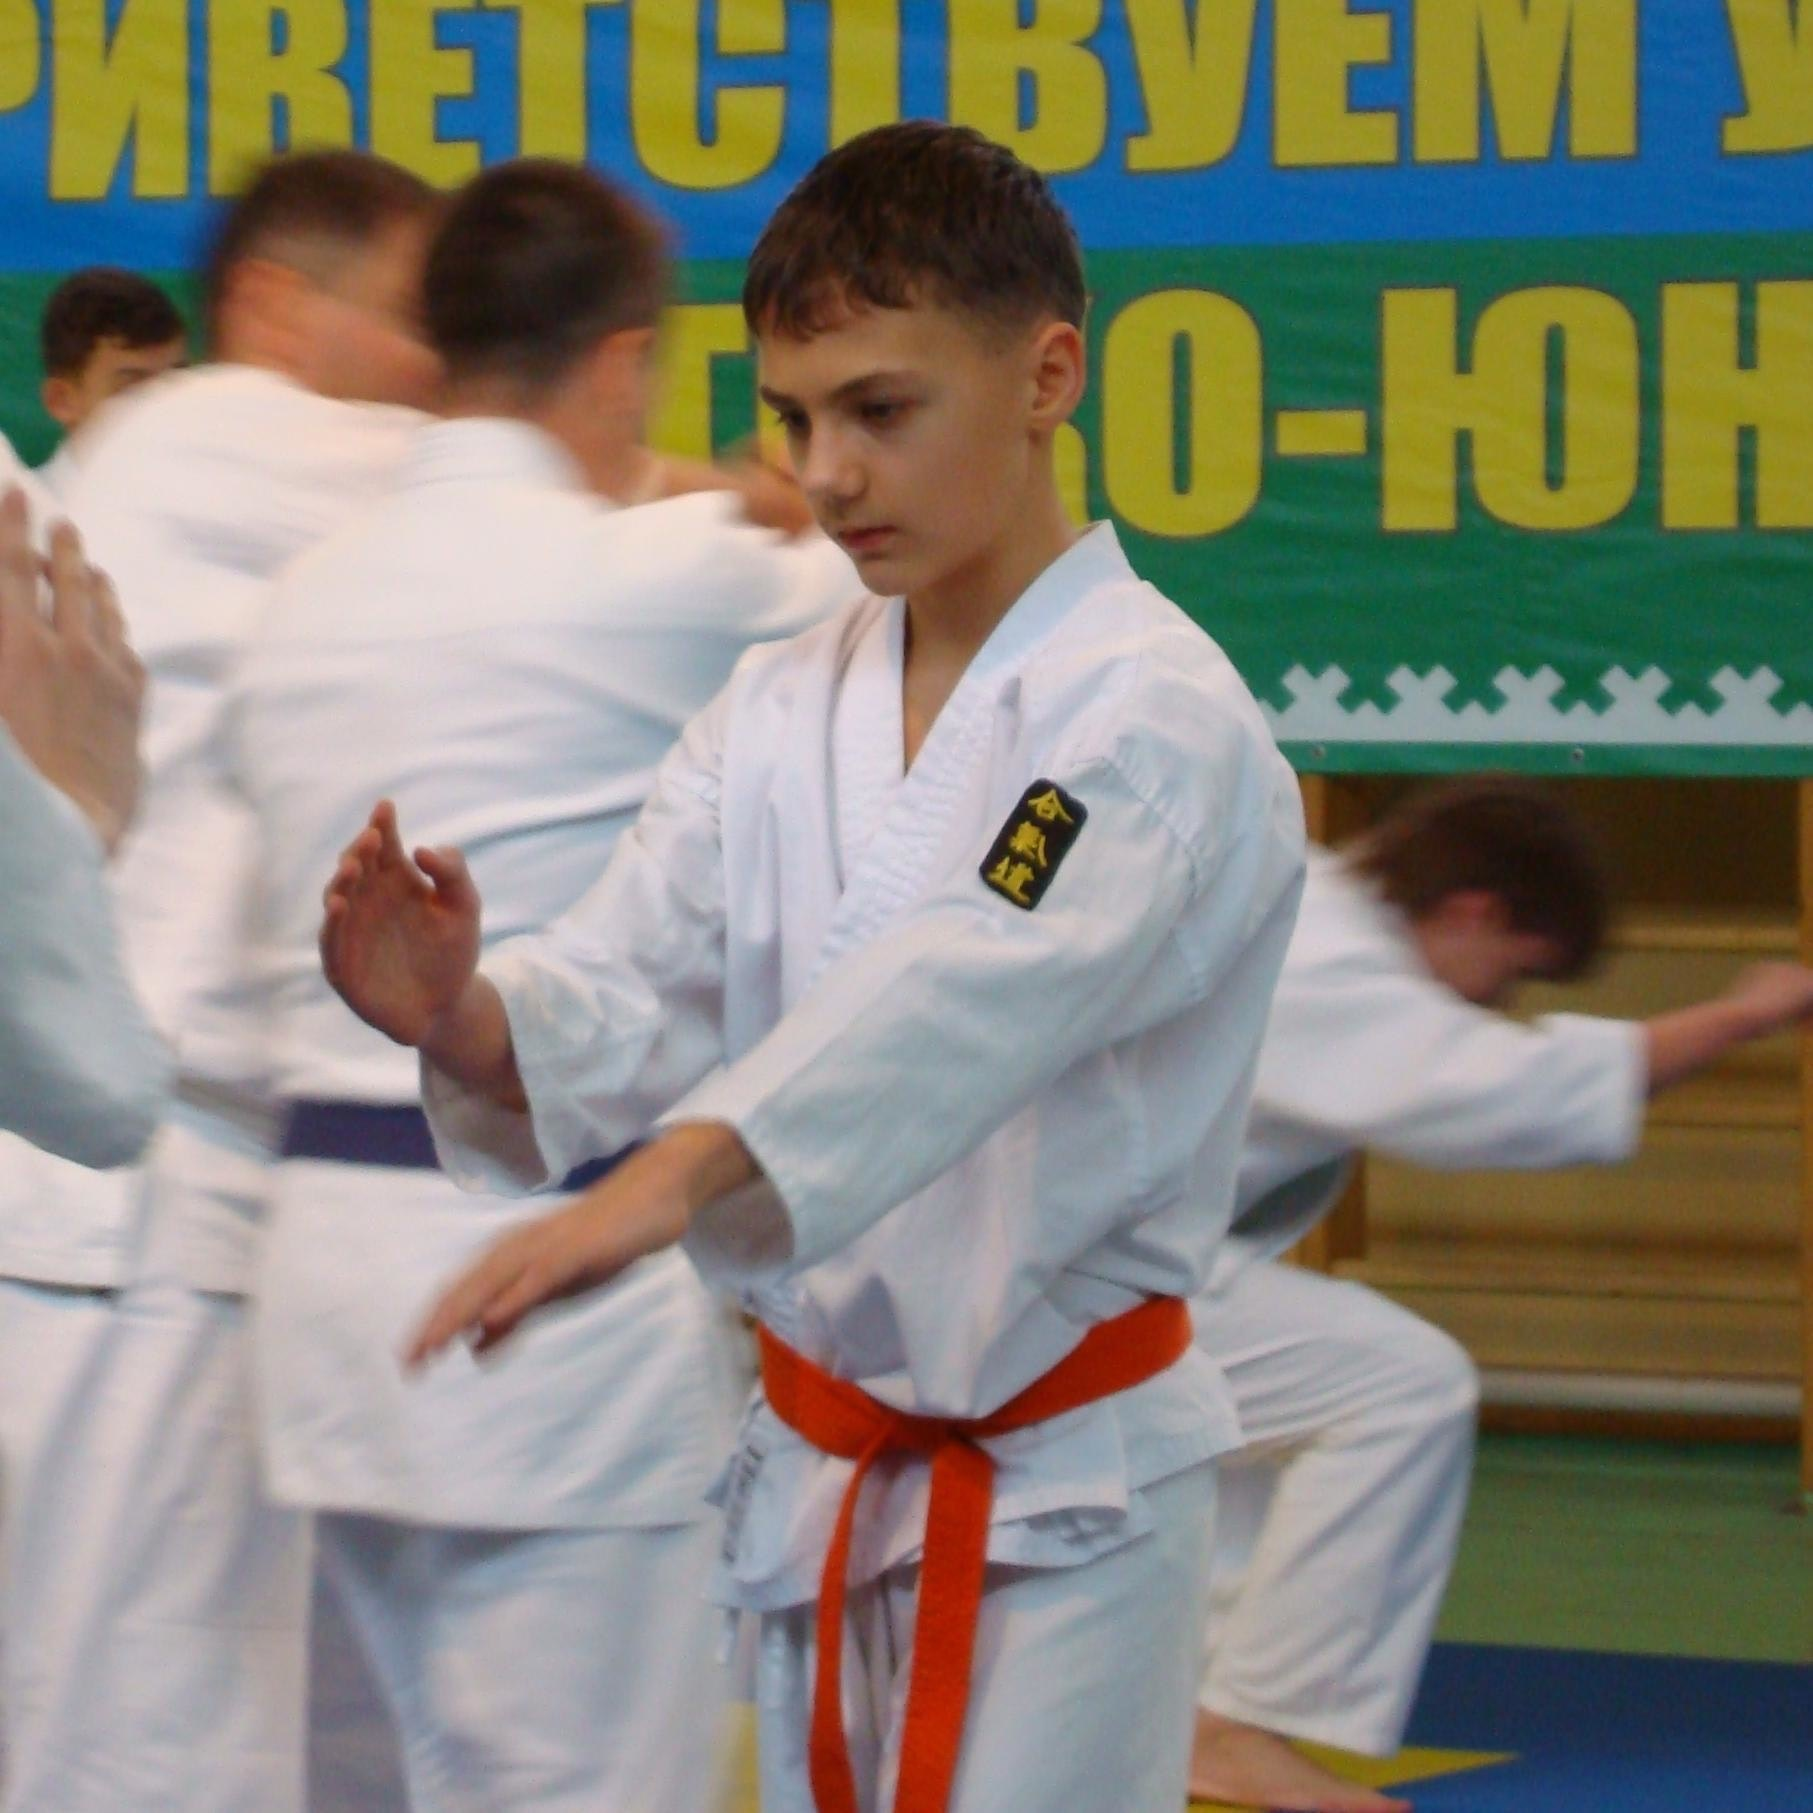 Kirill Kamenev